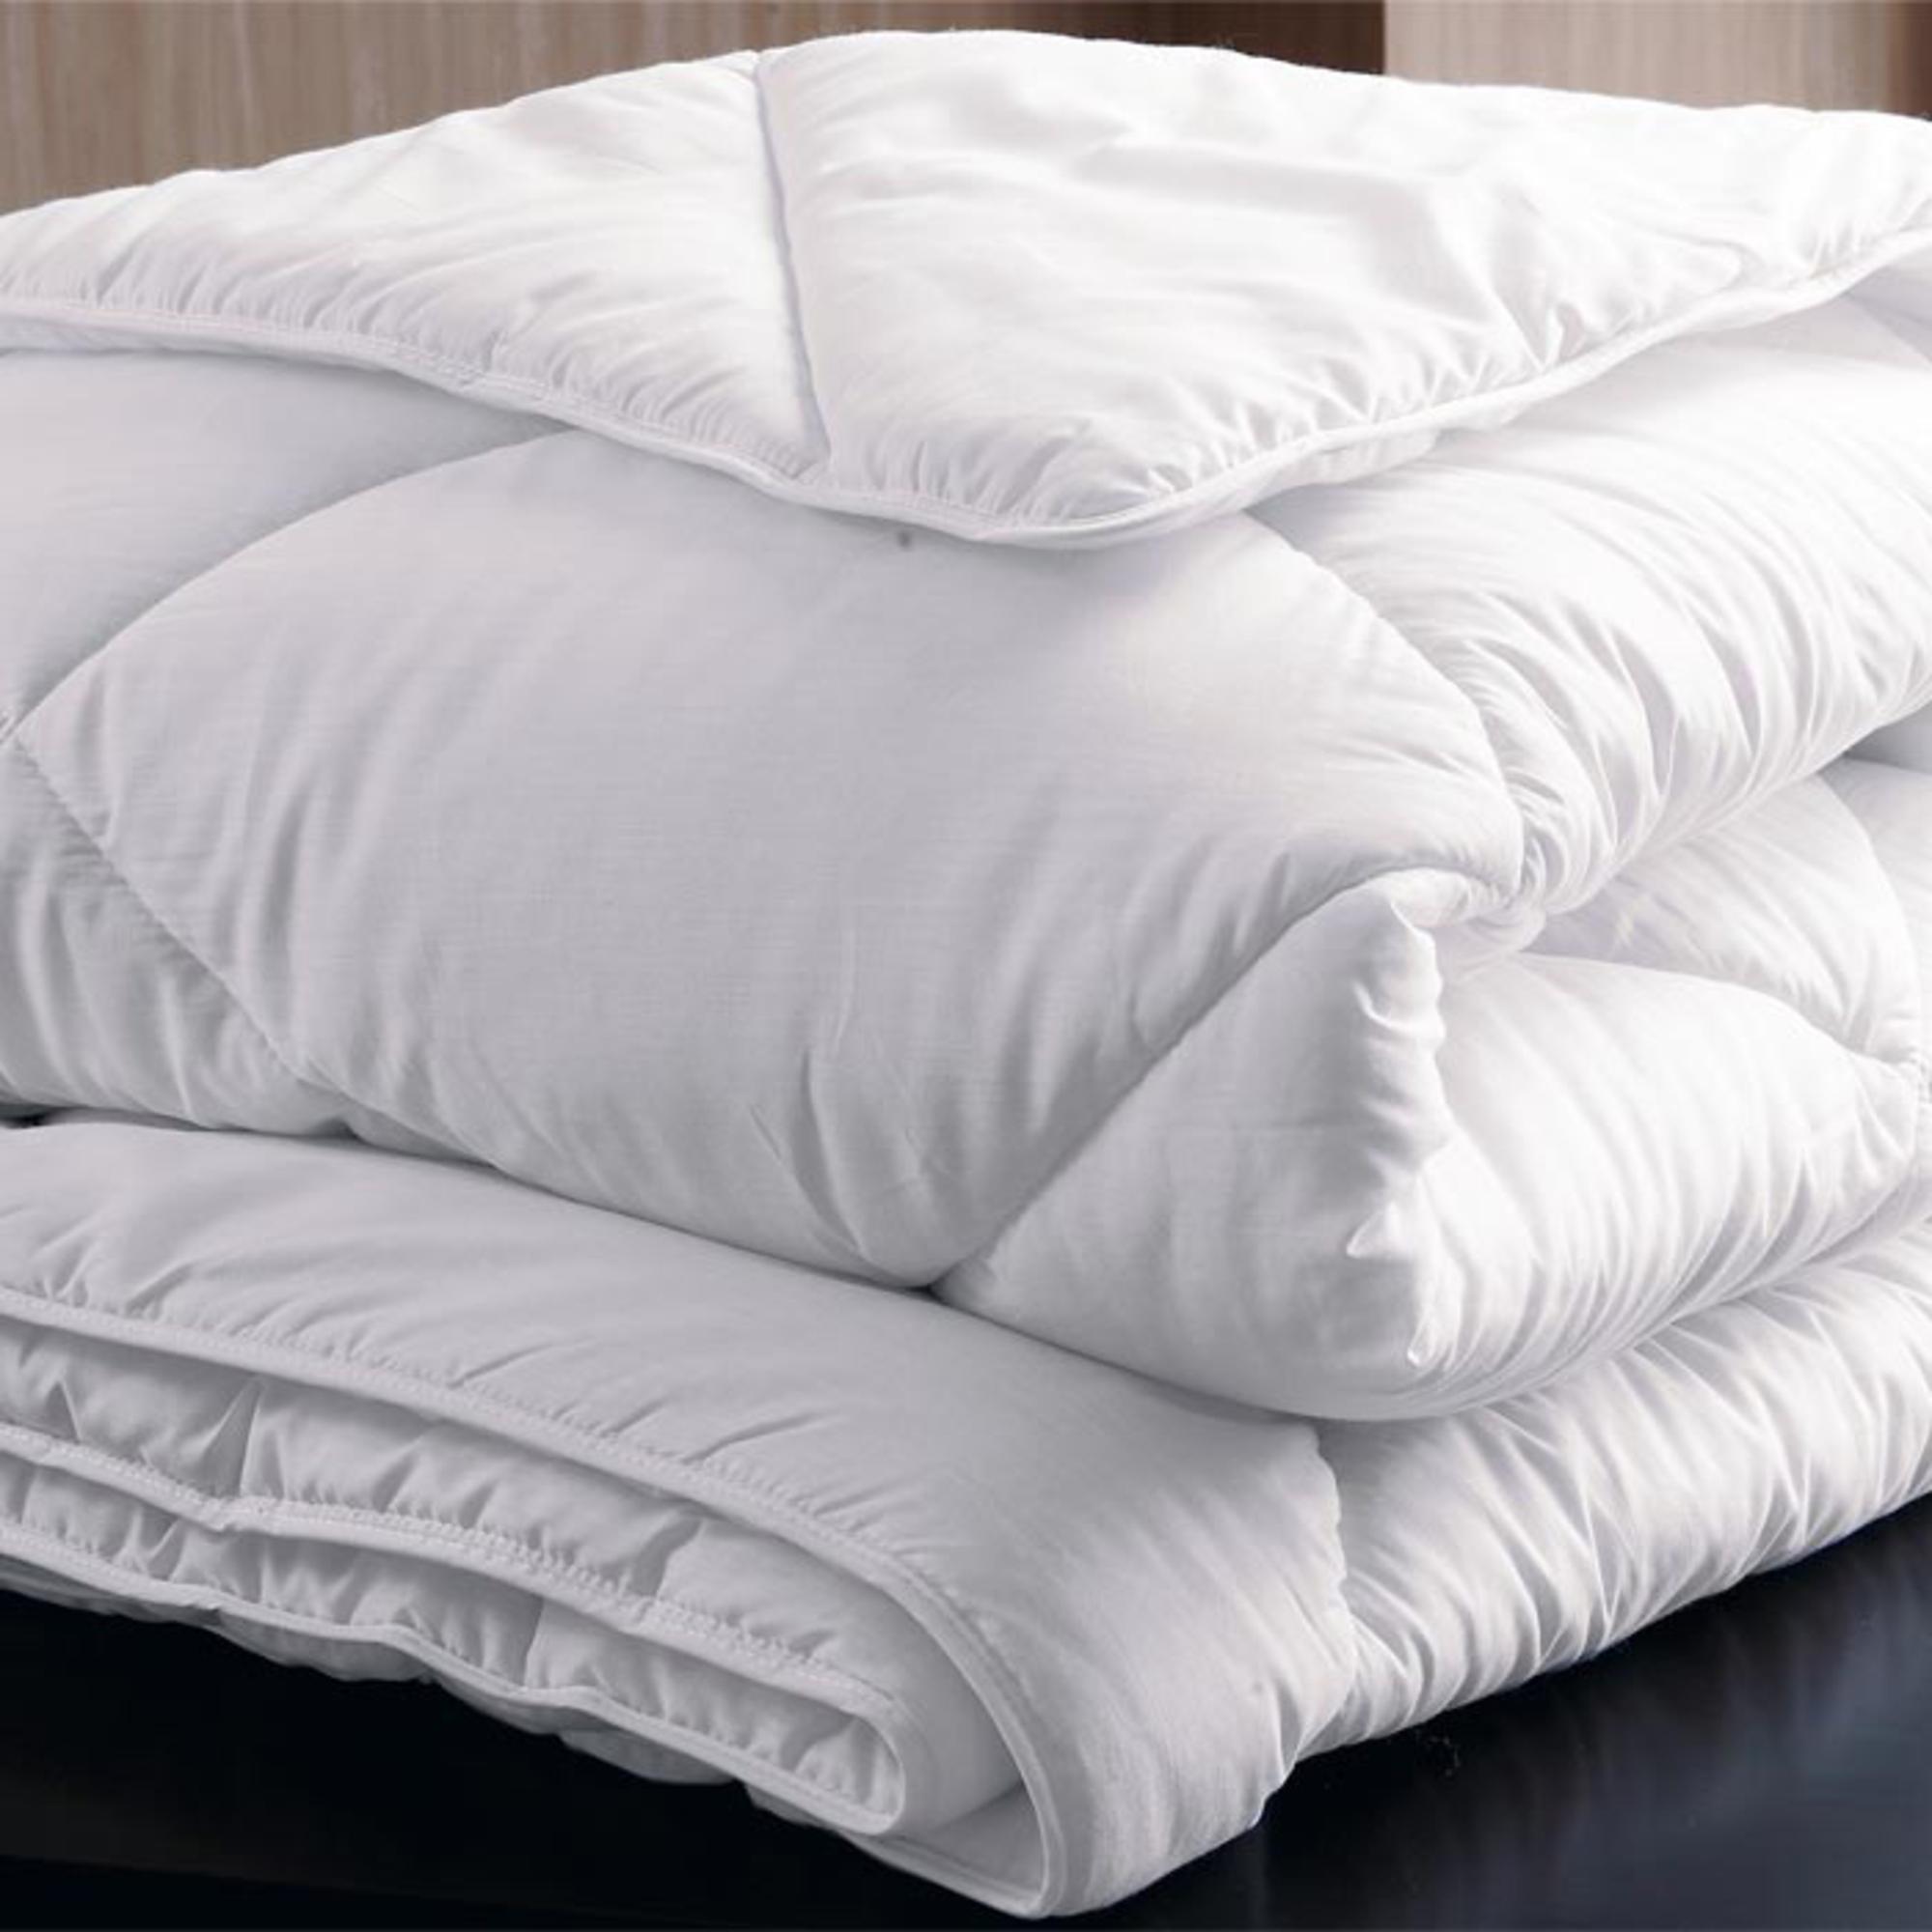 couette simple mi saison 350 g m2 a gis sant 200 x 200 frais de traitement de commande. Black Bedroom Furniture Sets. Home Design Ideas